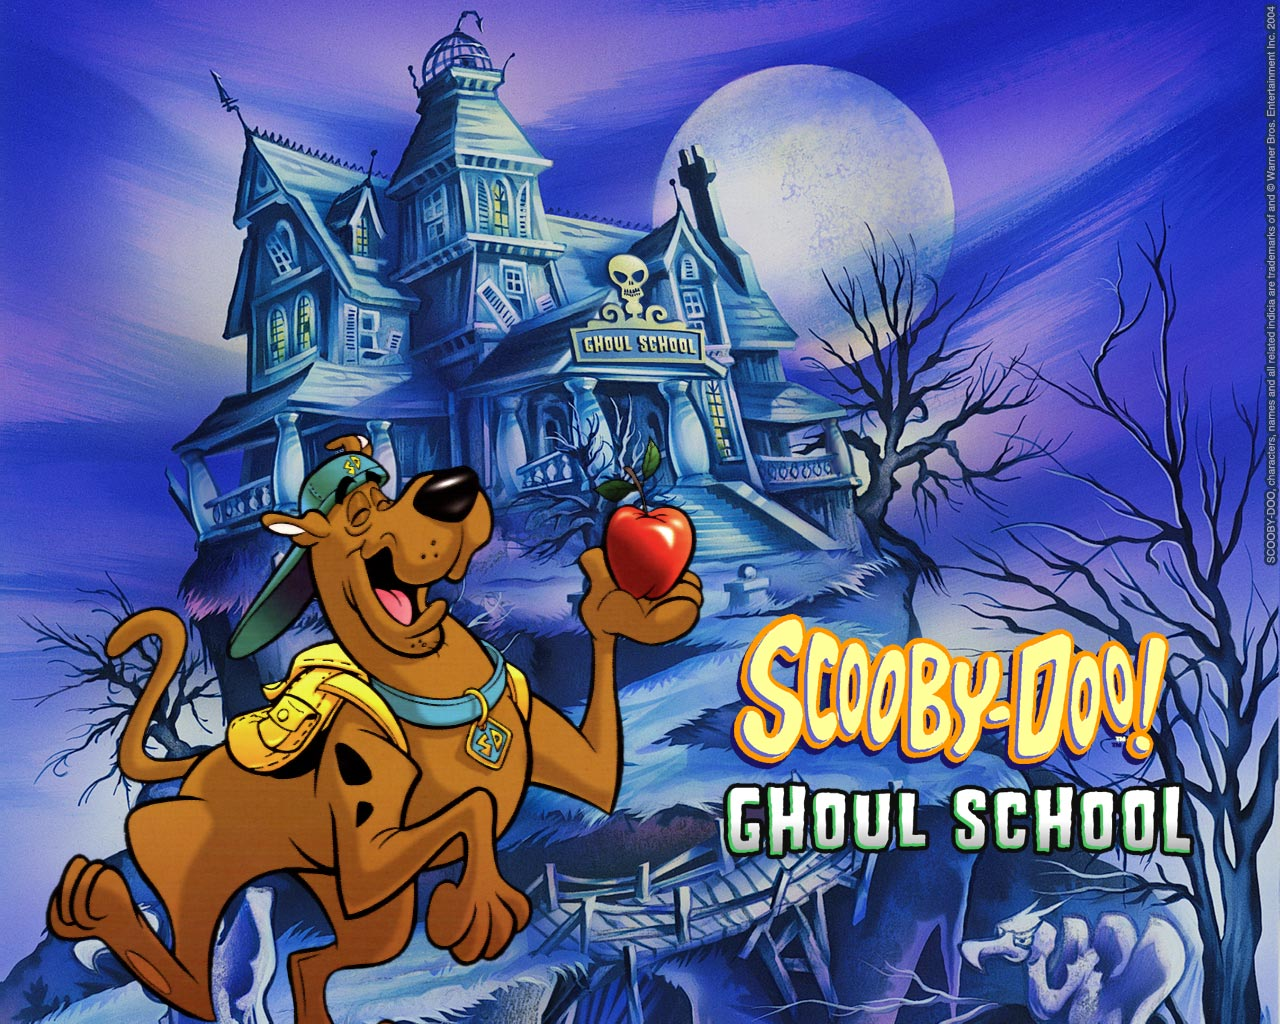 Scooby Doo Wallpaper - WallpaperSafari